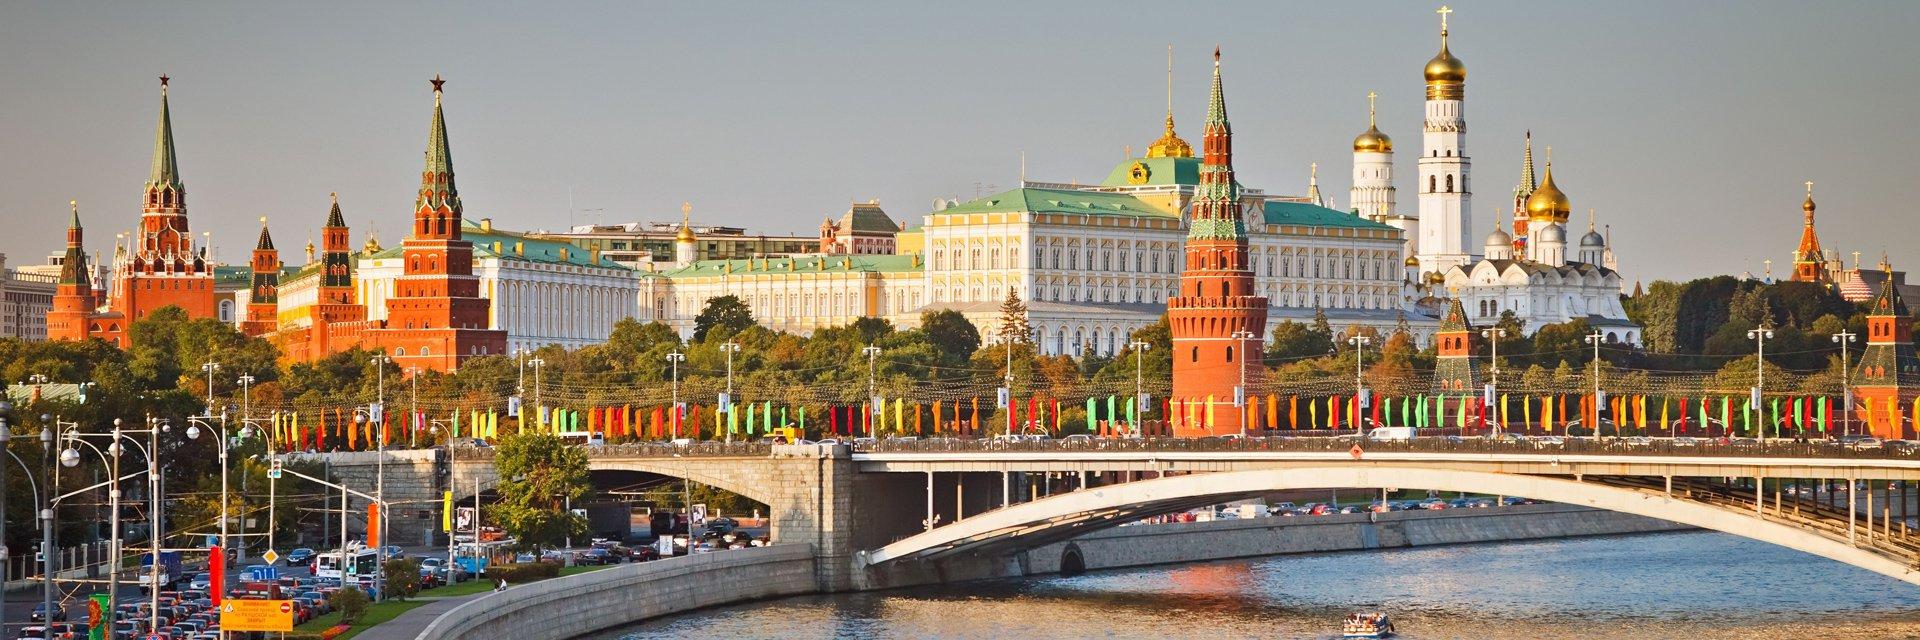 Туры в Россию 2019, путевки из Москвы - цены на отдых в России - ПАКС